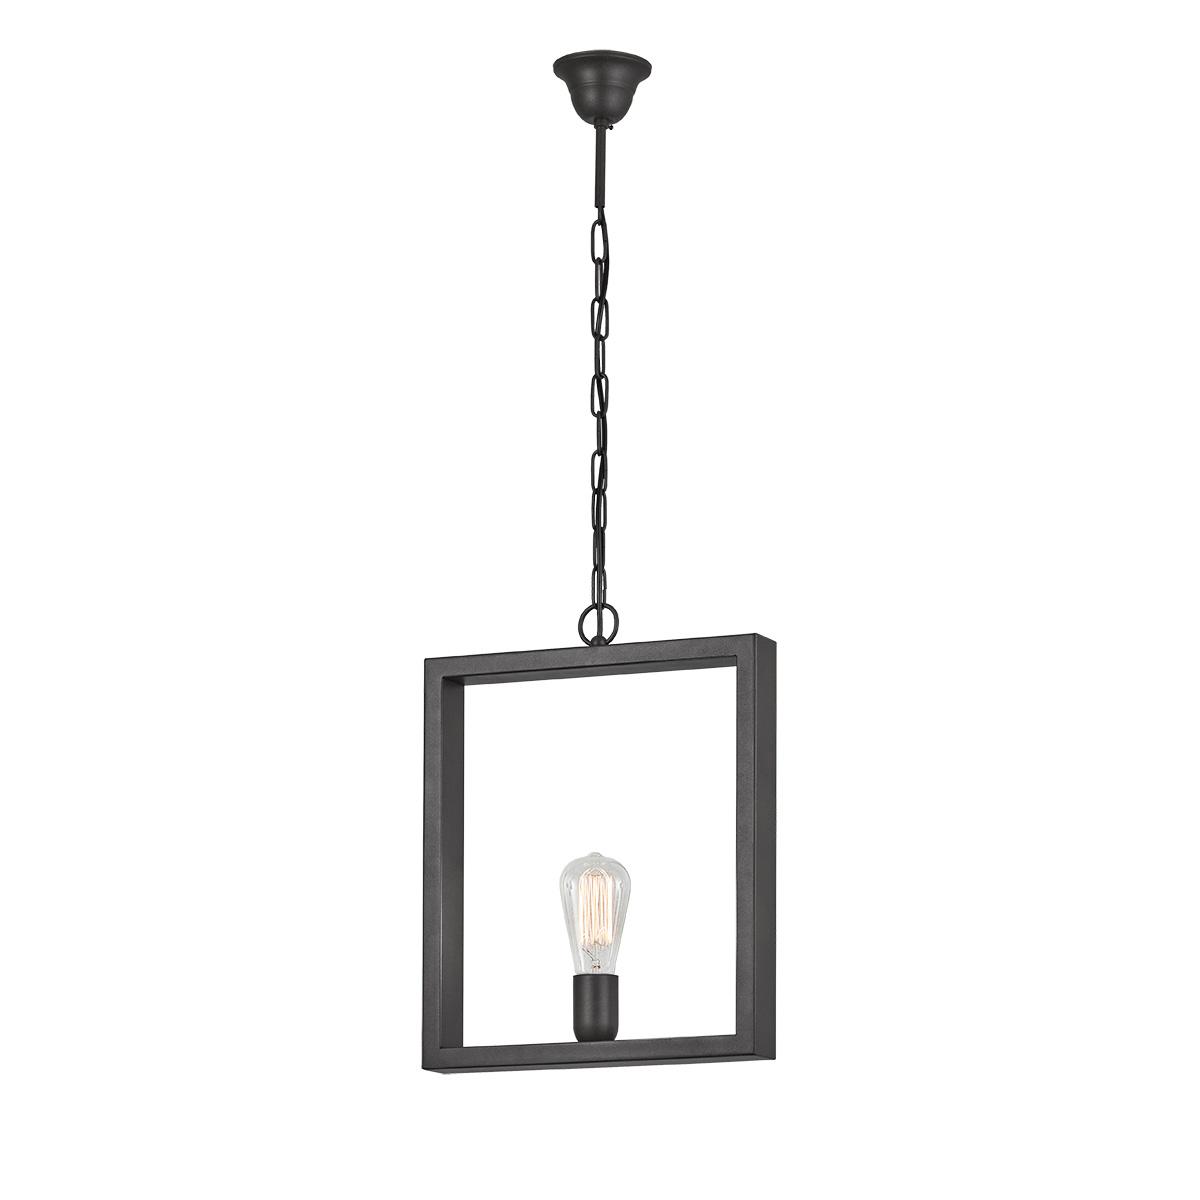 Industrial κρεμαστό φωτιστικό ΘΑΣΟΣ industrial hanging lamp